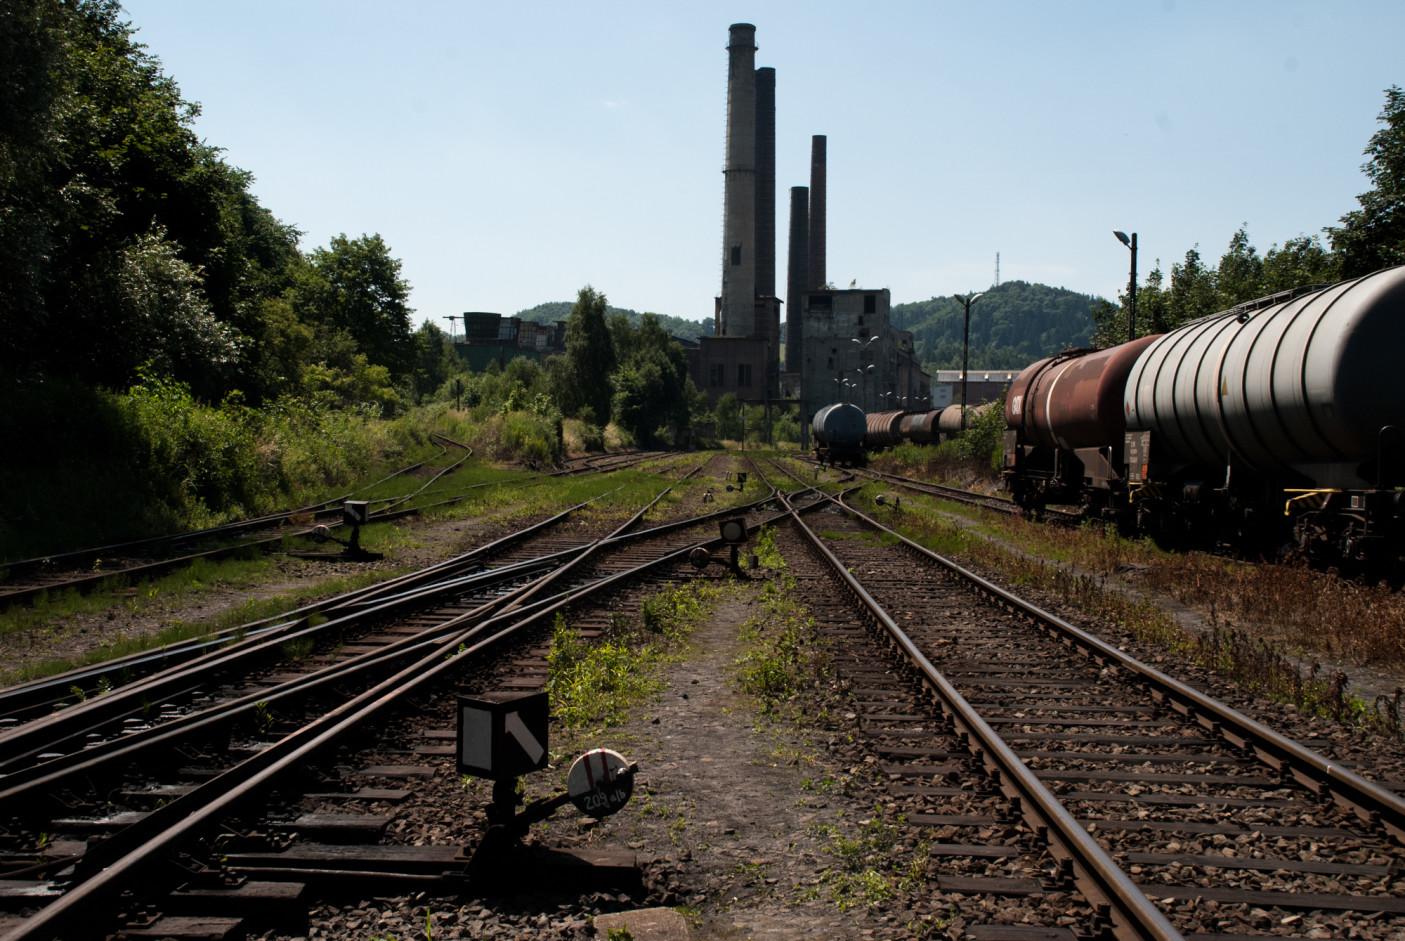 Wreszcie zbliżamy się do jednej z ostatnich tak dużych przestrzeni przemysłowych w Wałbrzychu.